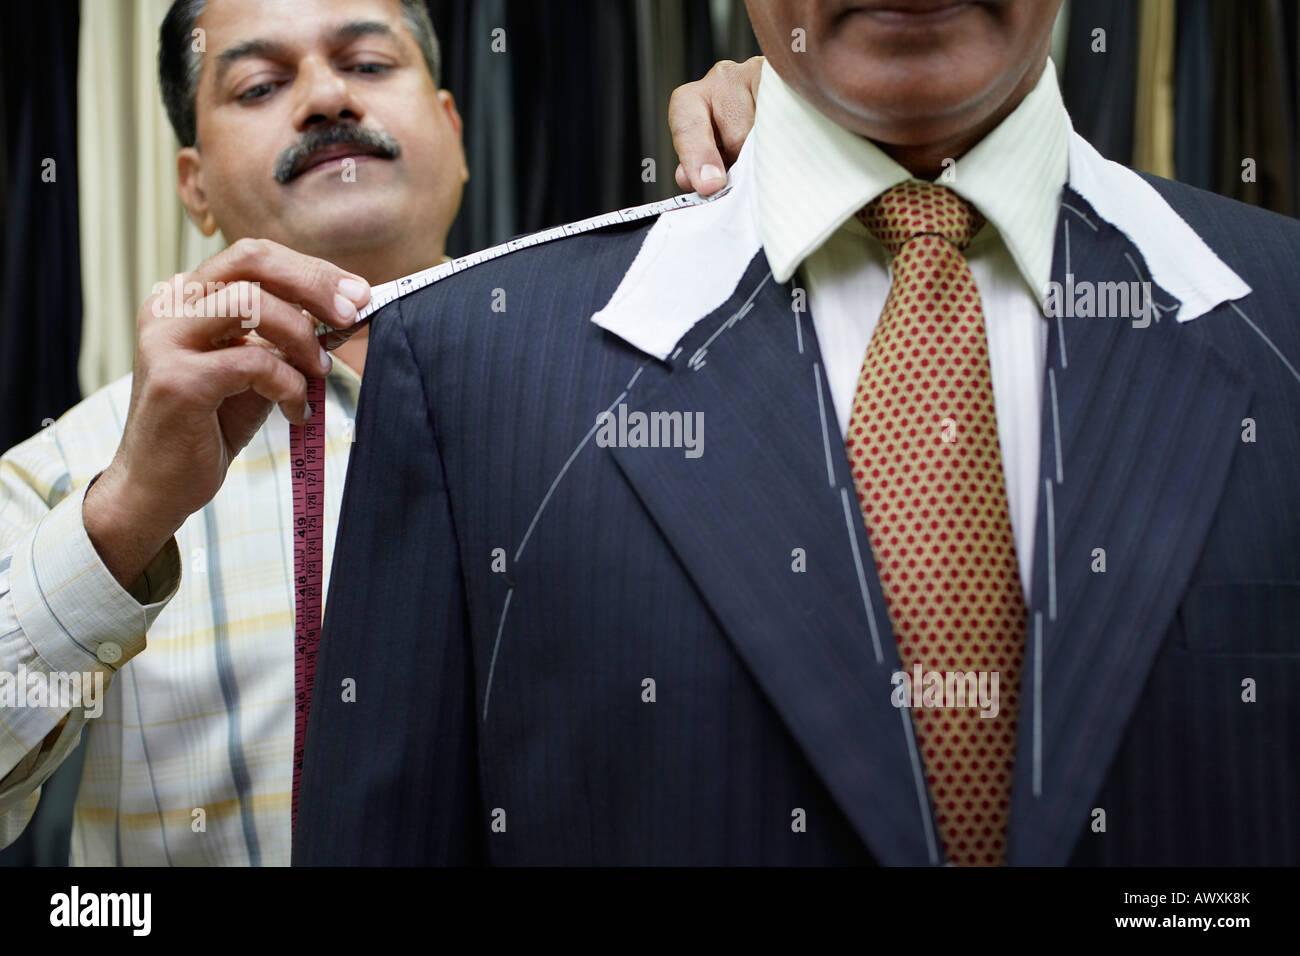 Adattare la misura uomo d affari con nastro di misurazione, close up Immagini Stock